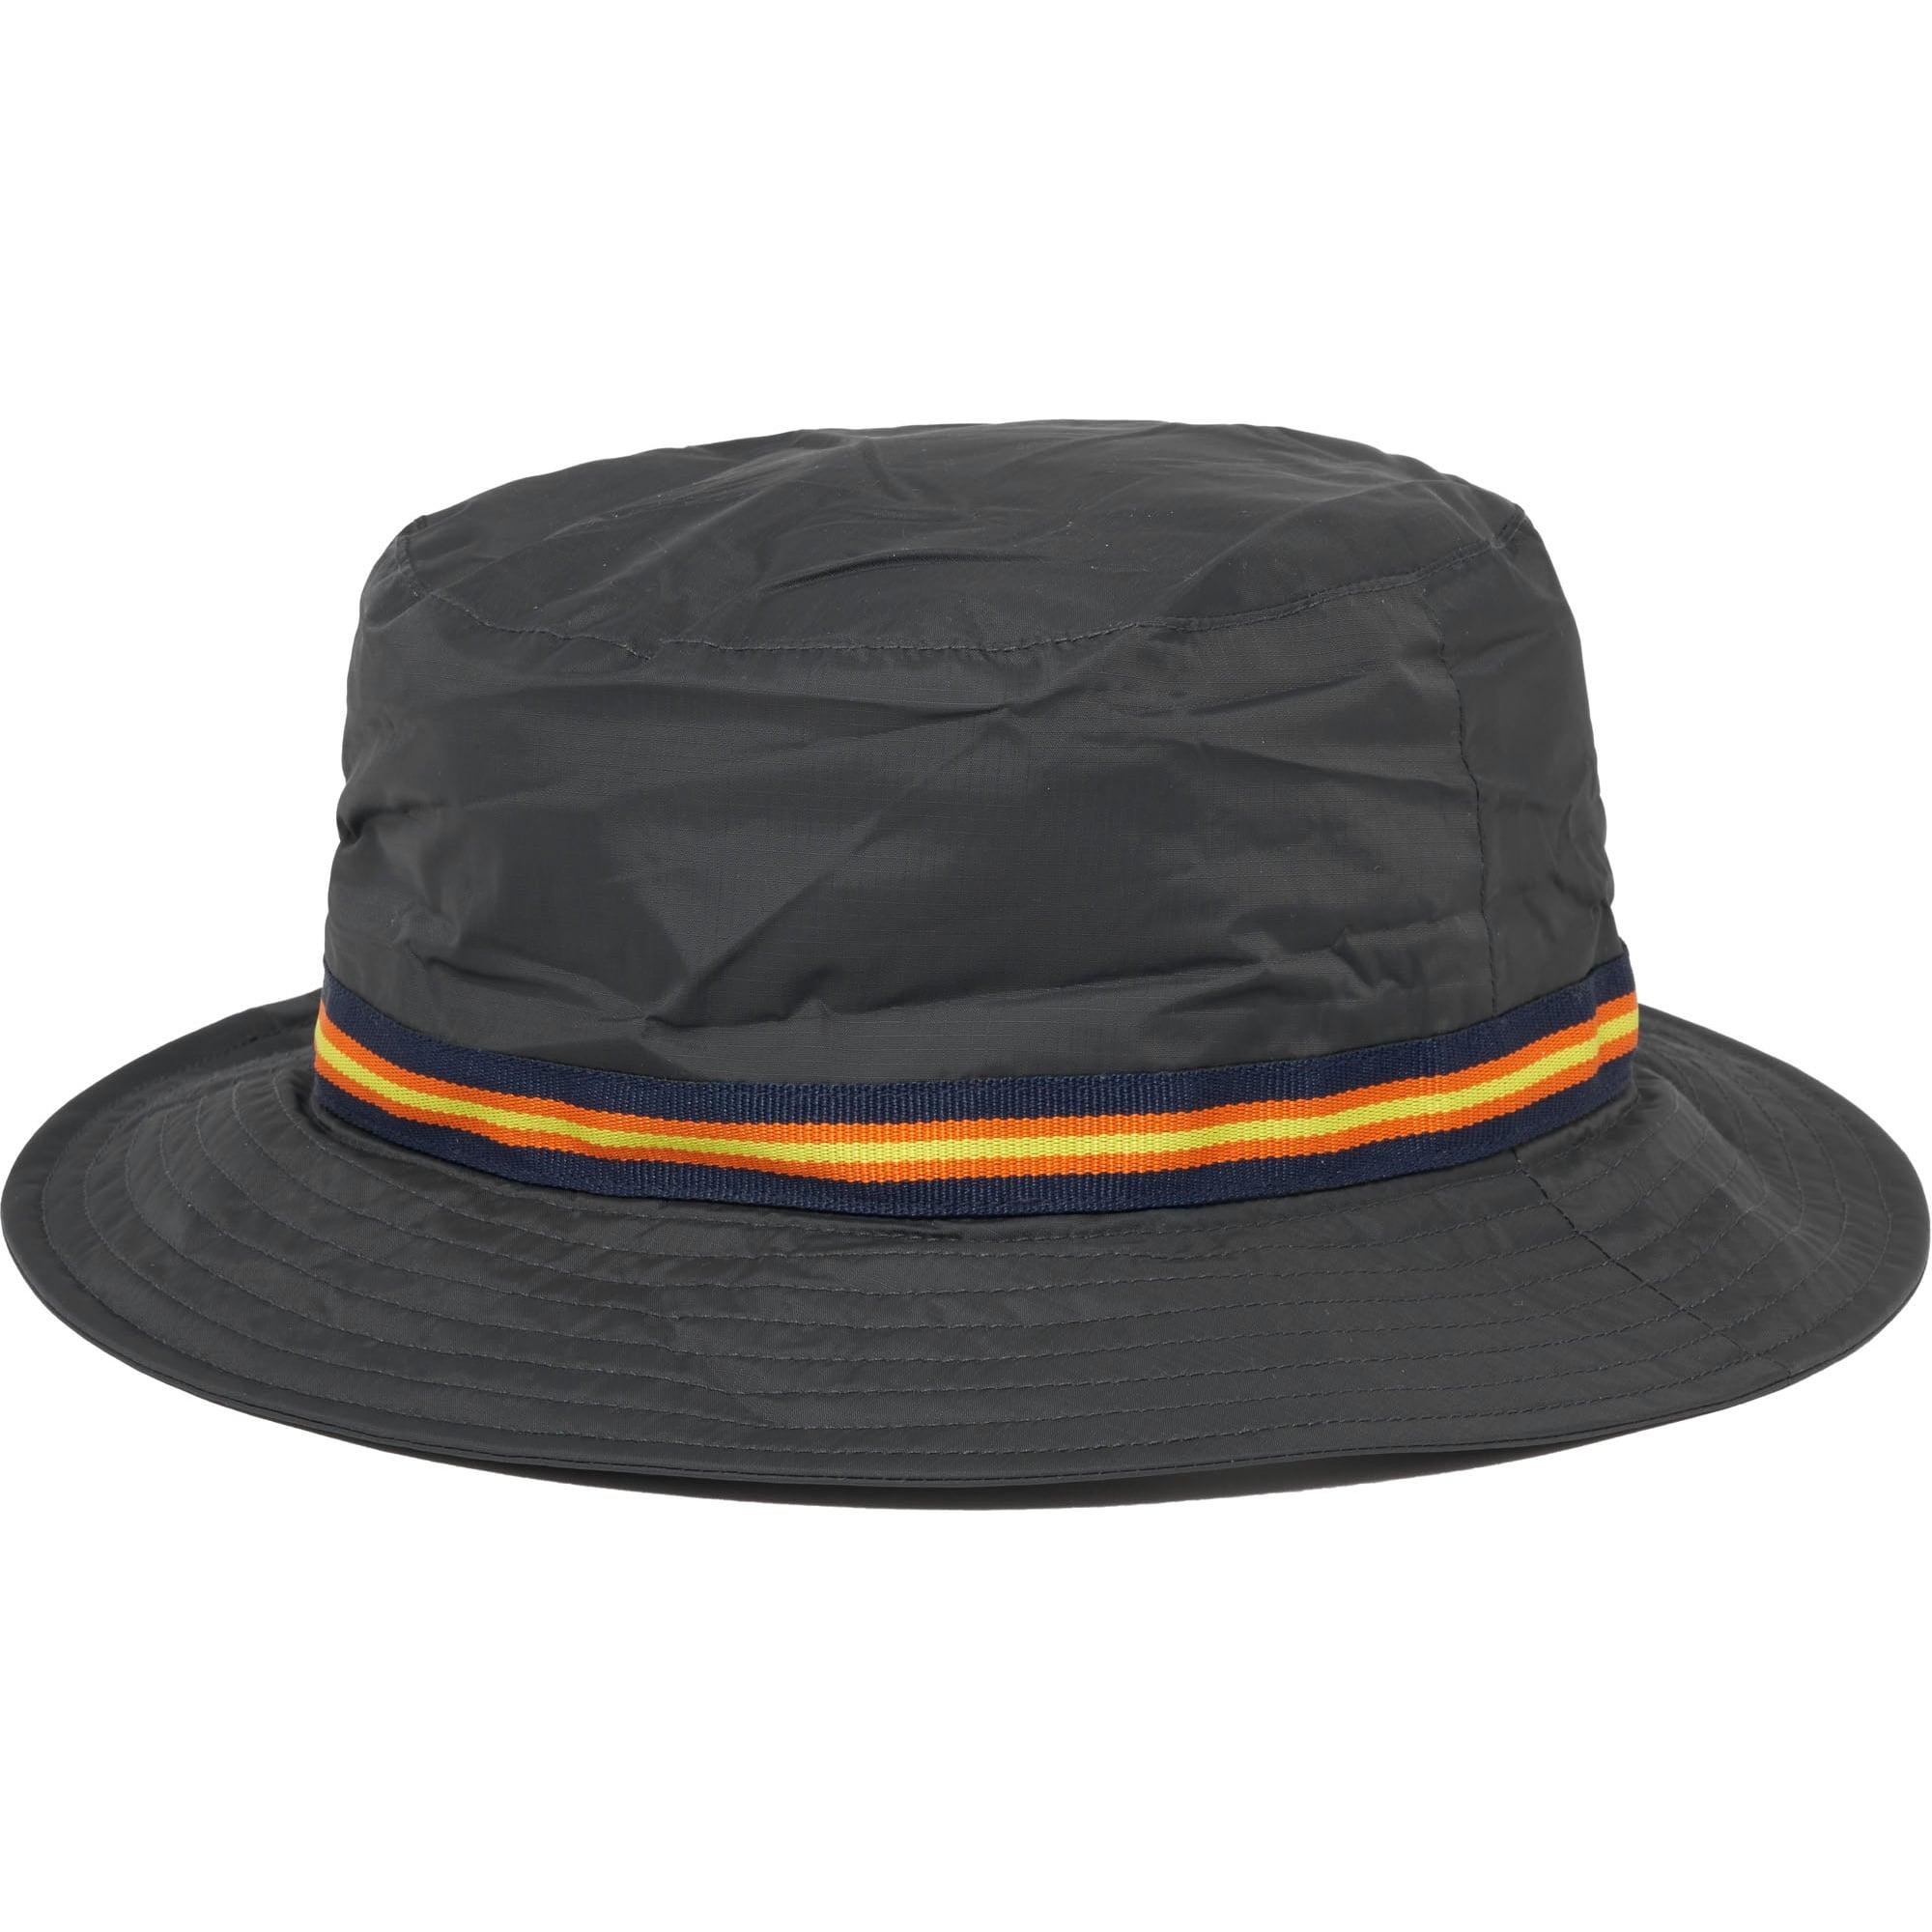 K-Way Black Le Vrai Pascal 3.0 Packable Hat  c41ffbab57a